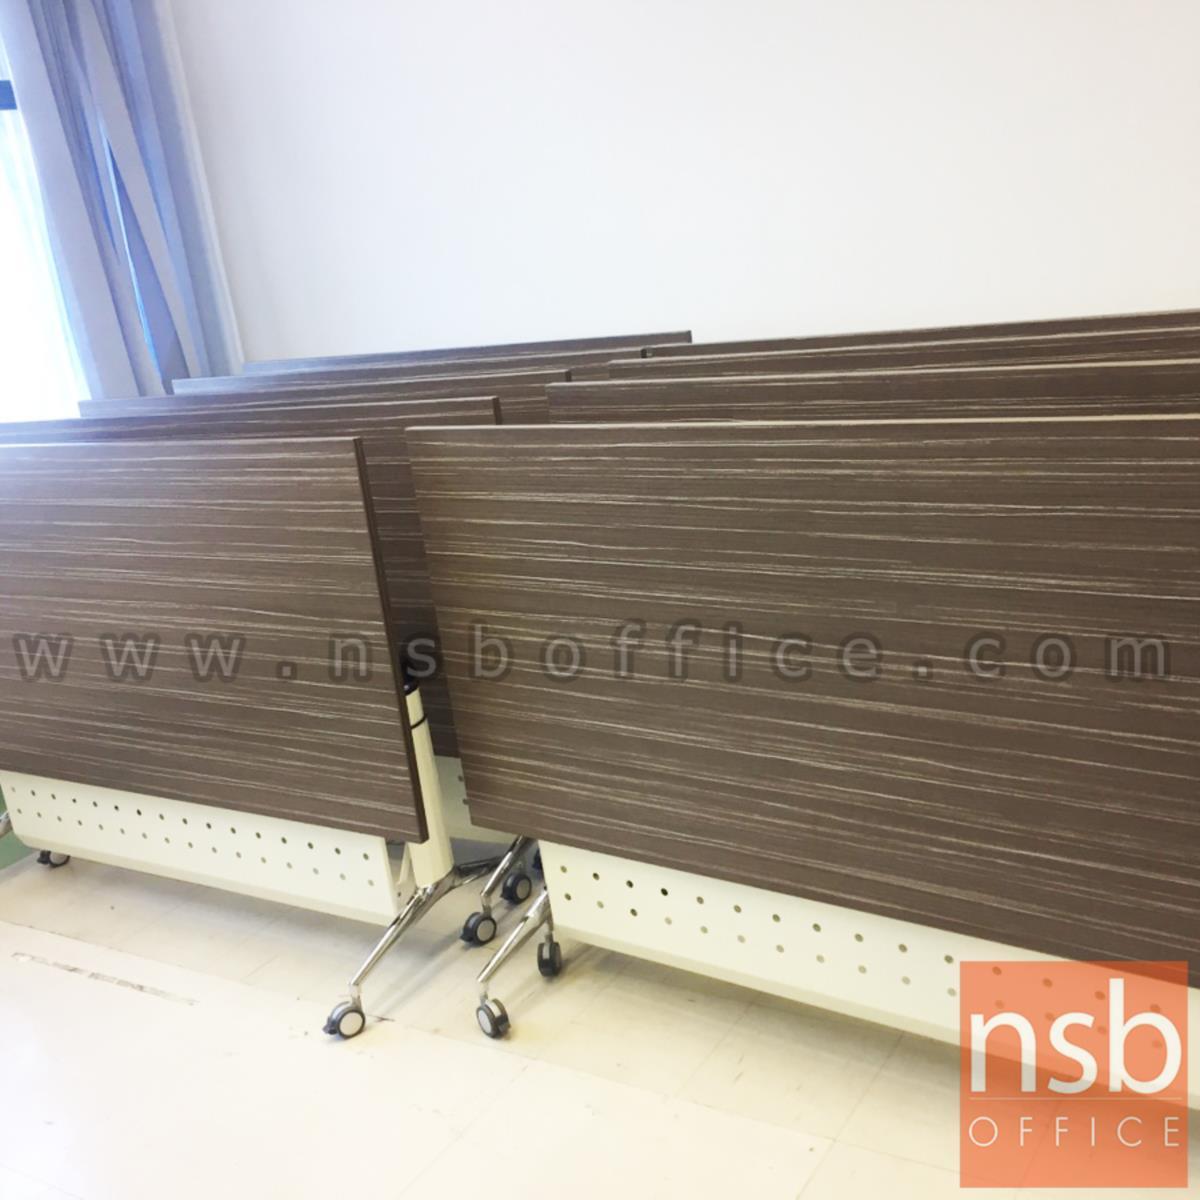 โต๊ะประชุมพับเก็บได้ล้อเลื่อน รุ่น YT-FTG20 ขนาด 160W*60D ,80D cm.  พร้อมบังโป๊เหล็ก